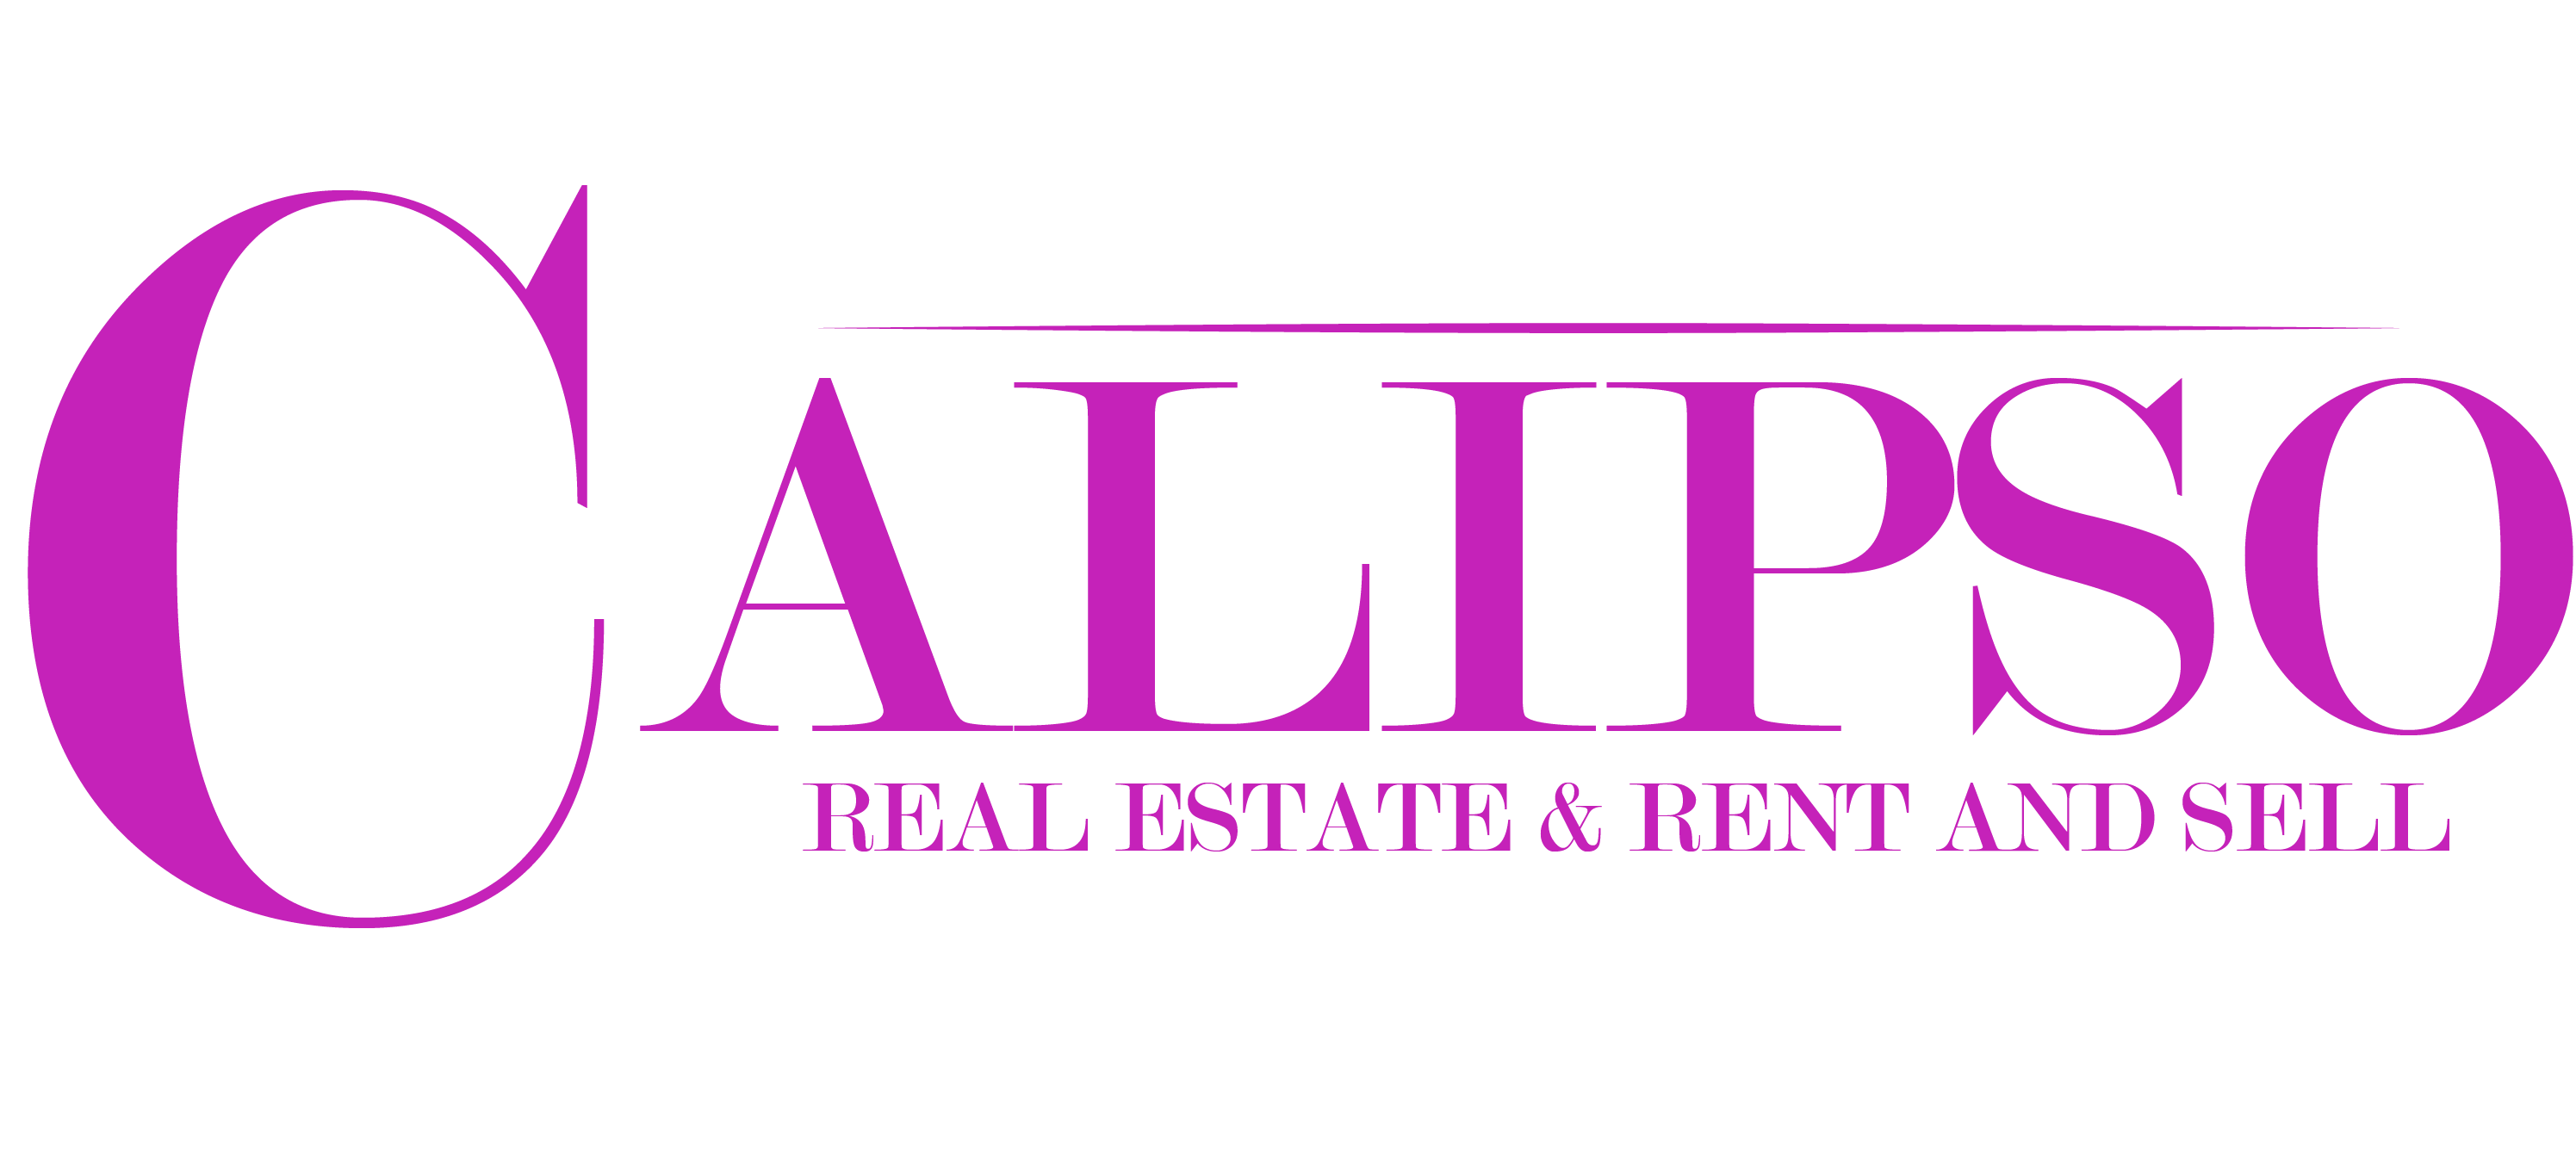 Calipso Real Estate & Rent and Sell UG